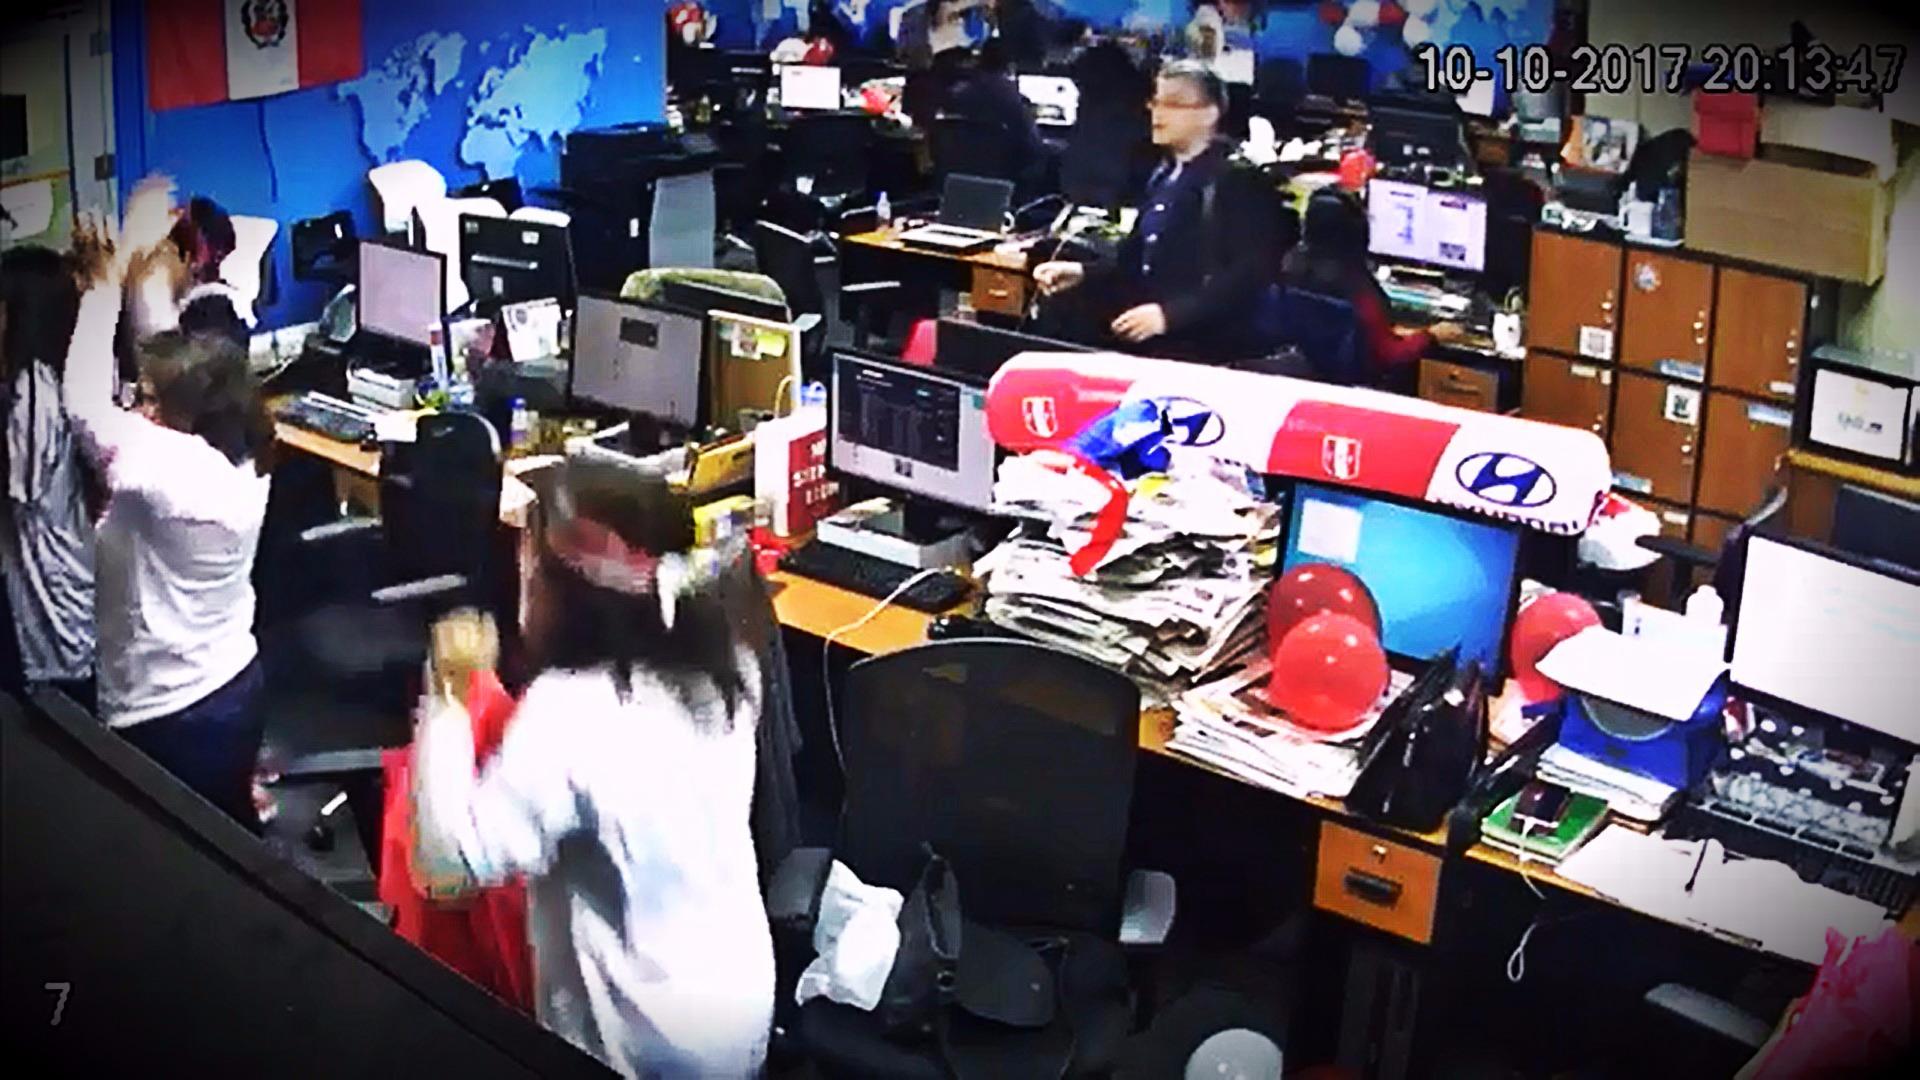 El tanto de Paolo Guerrero a los 76 minutos fue celebrado en todos los ambientes de la redacción de RPP Noticias.